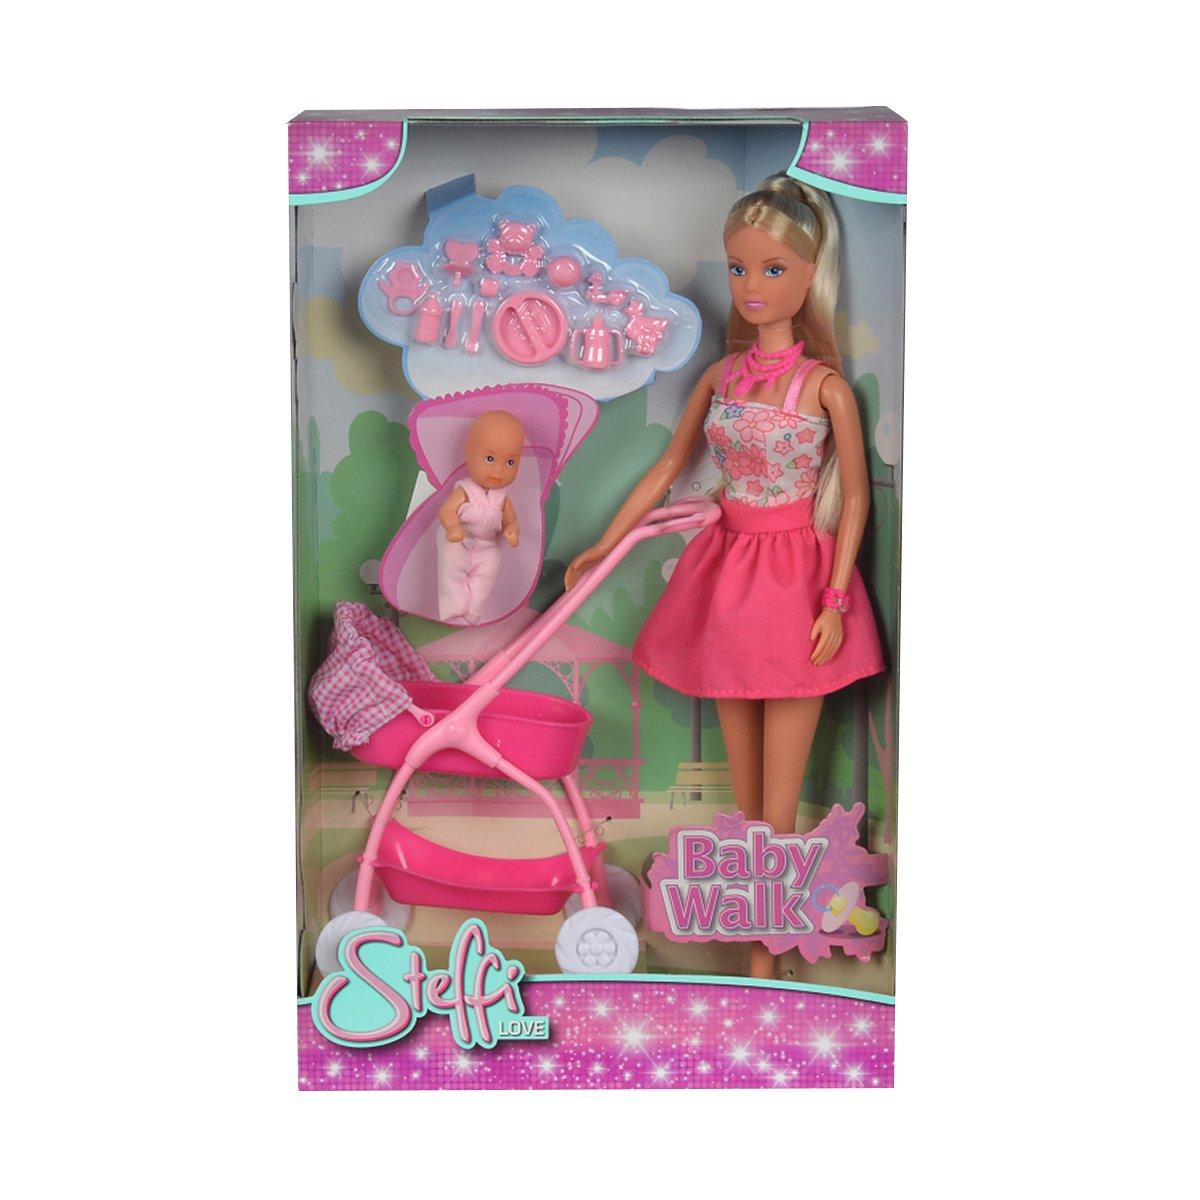 Papusa Steffi Love cu bebe in carucior roz